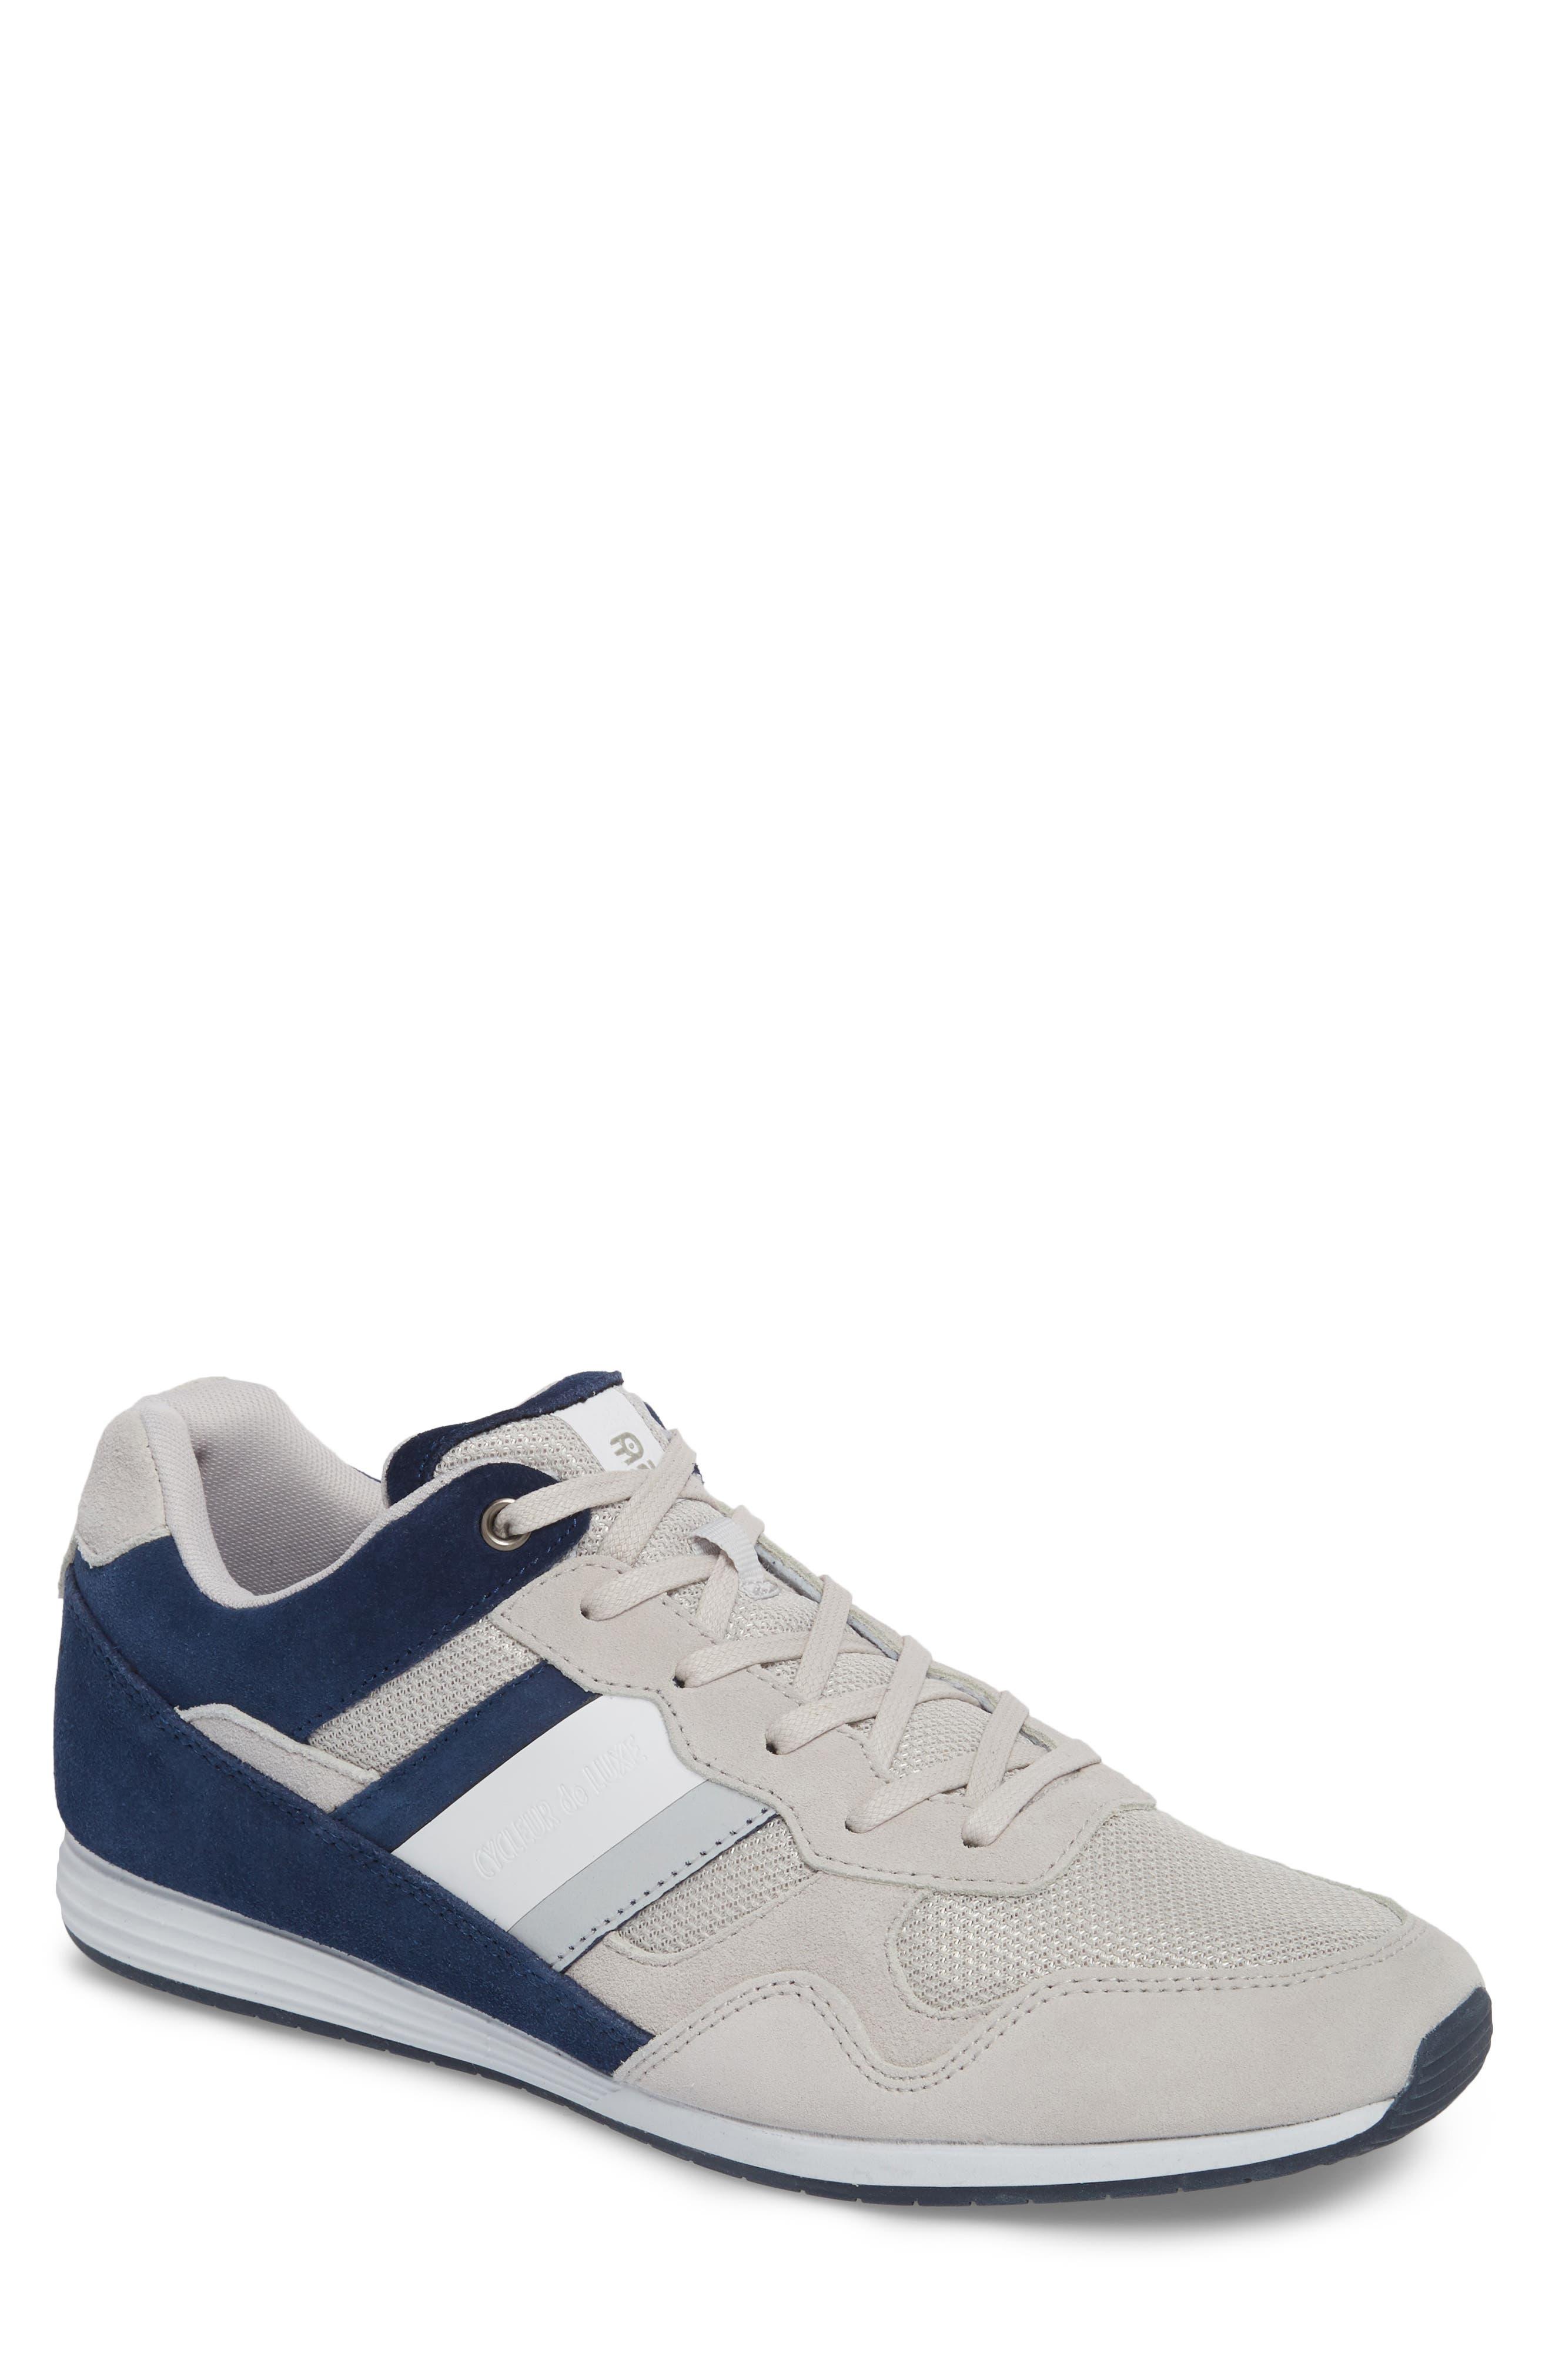 Scarpo Low Top Sneaker,                         Main,                         color, 020